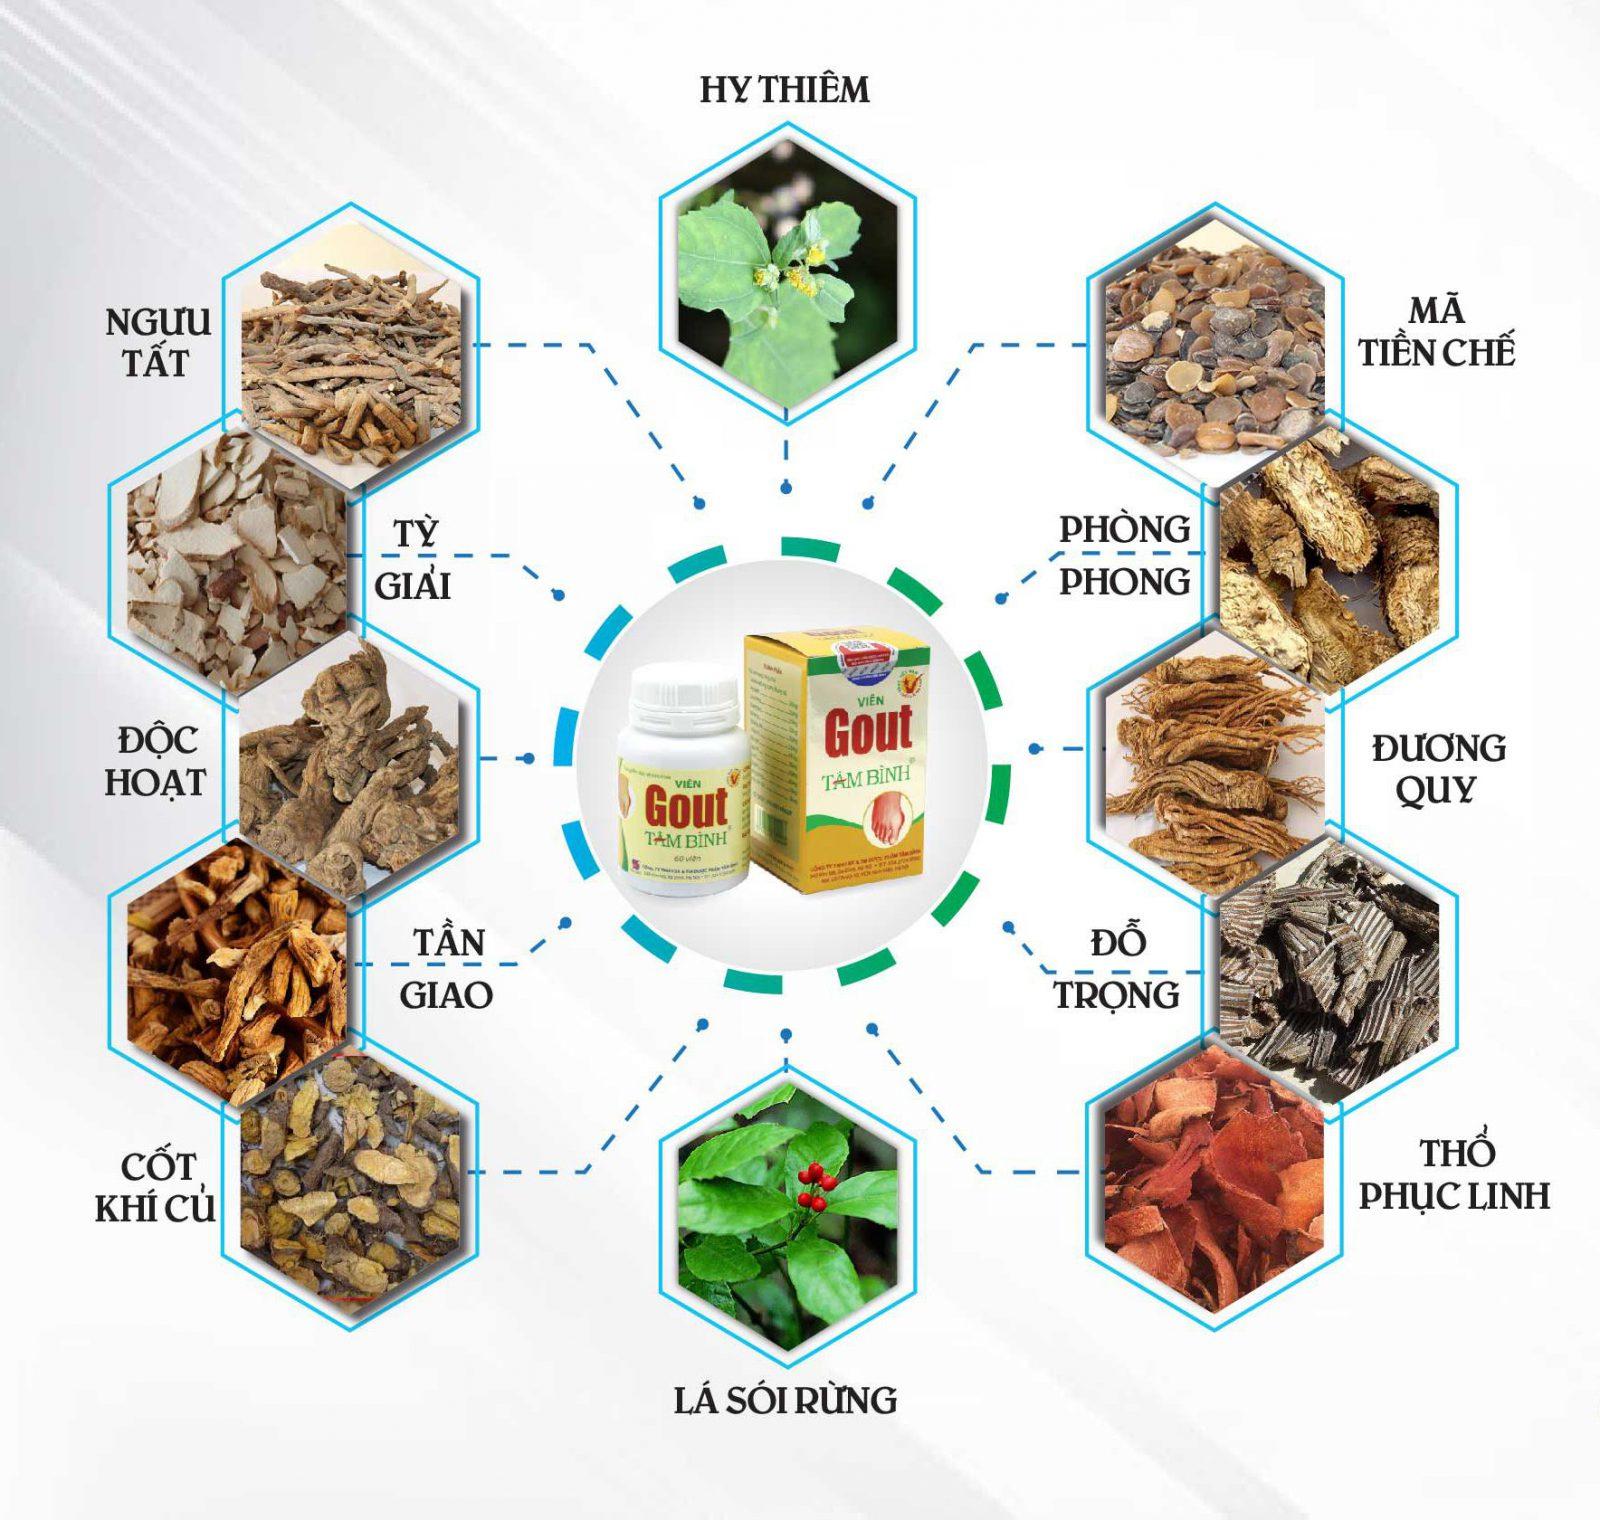 Viên Gout Tâm Bình được bào chế từ 12 vị thảo dược thiên nhiên.